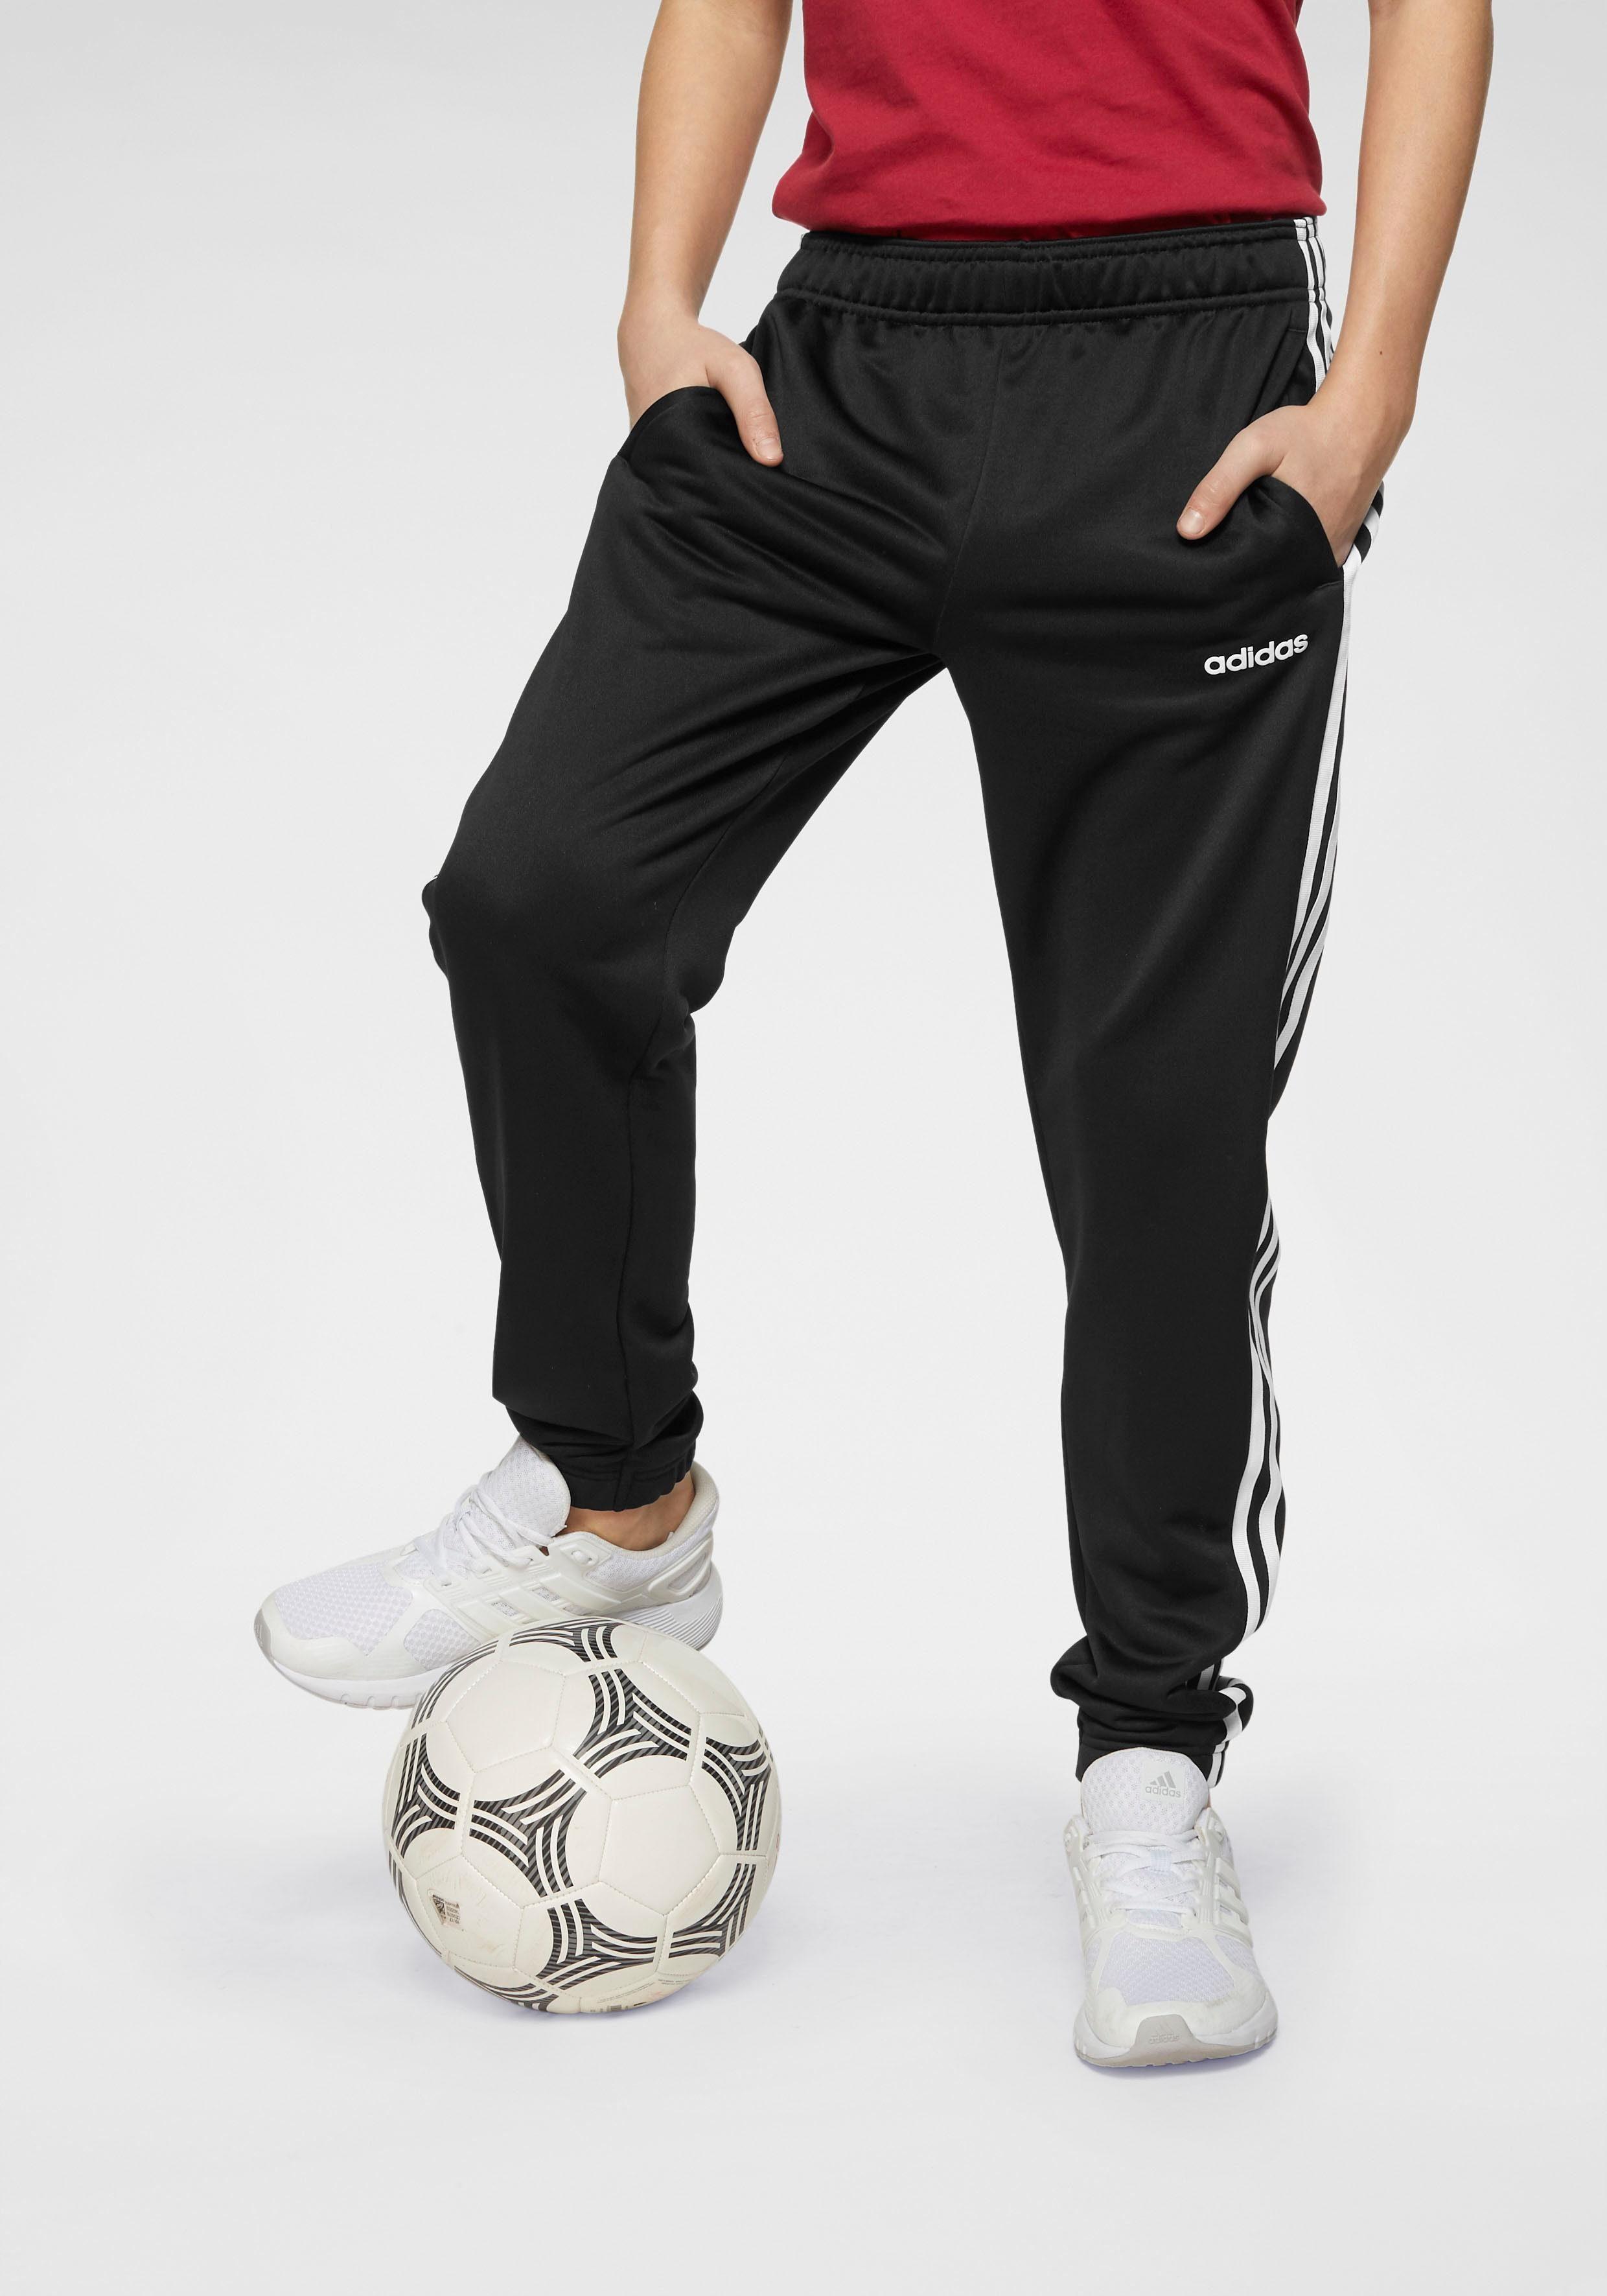 adidas Trainingshose »YOUTH BOYS TRAINING 3 STRIPES PANT« online kaufen | OTTO